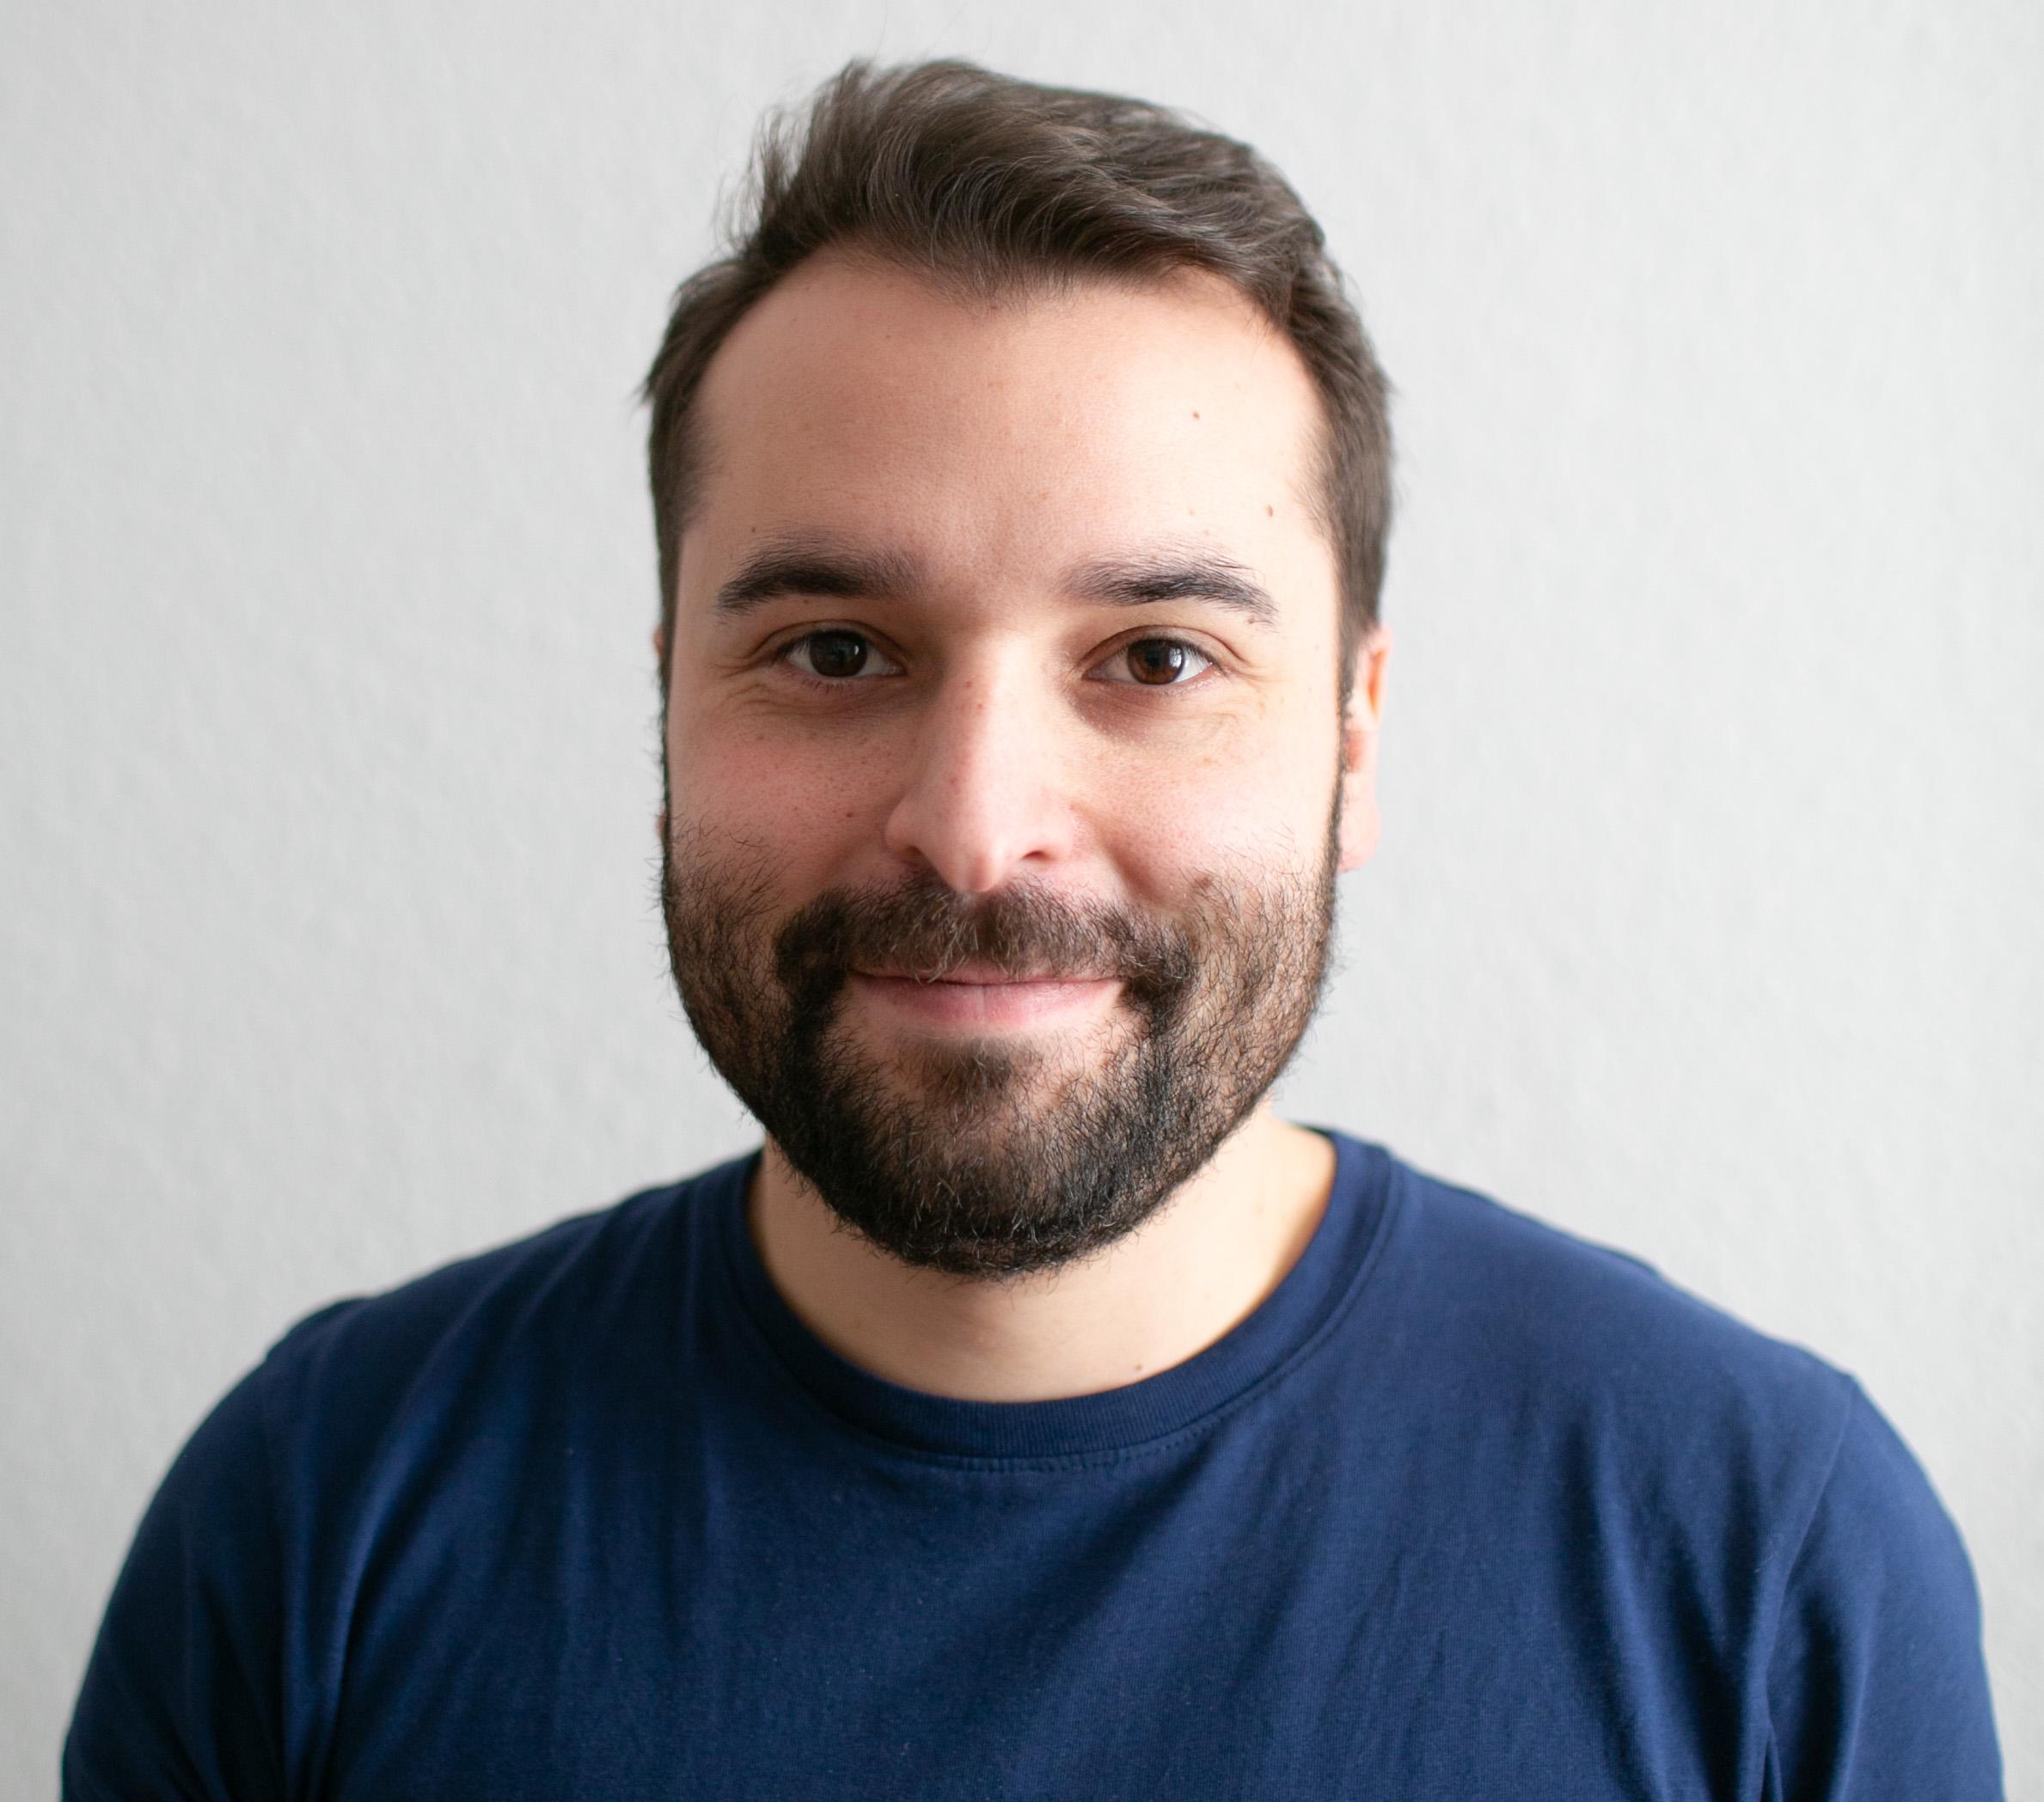 Autor und Drehbuchautor Film und Fernsehen Eral Kalender  Kalender Film